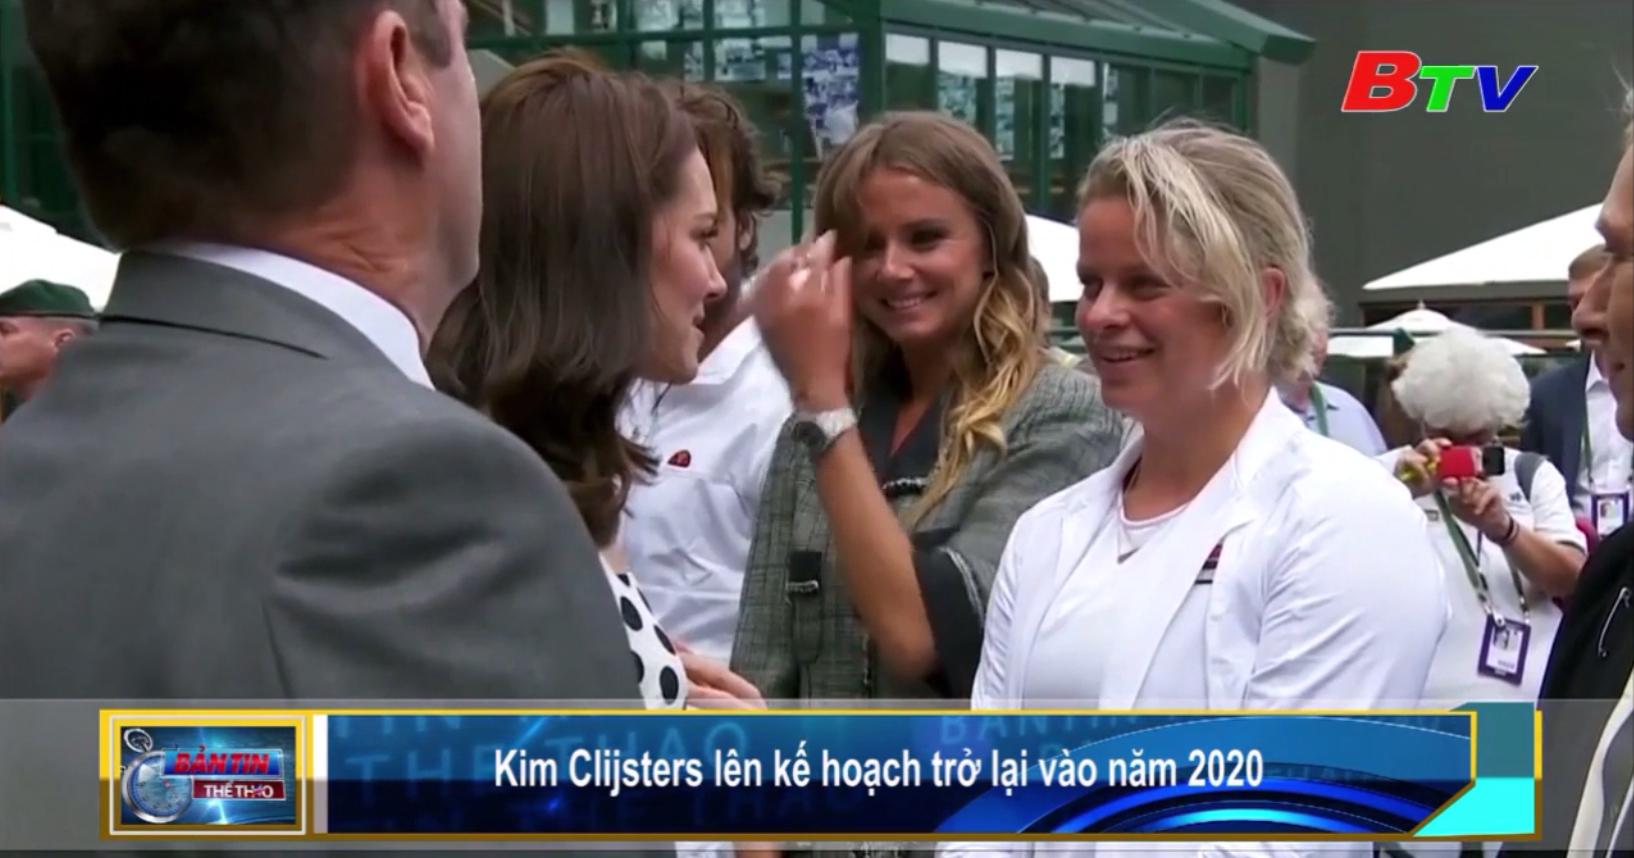 Kim Clijsters lên kế hoạch trở lại vào năm 2020